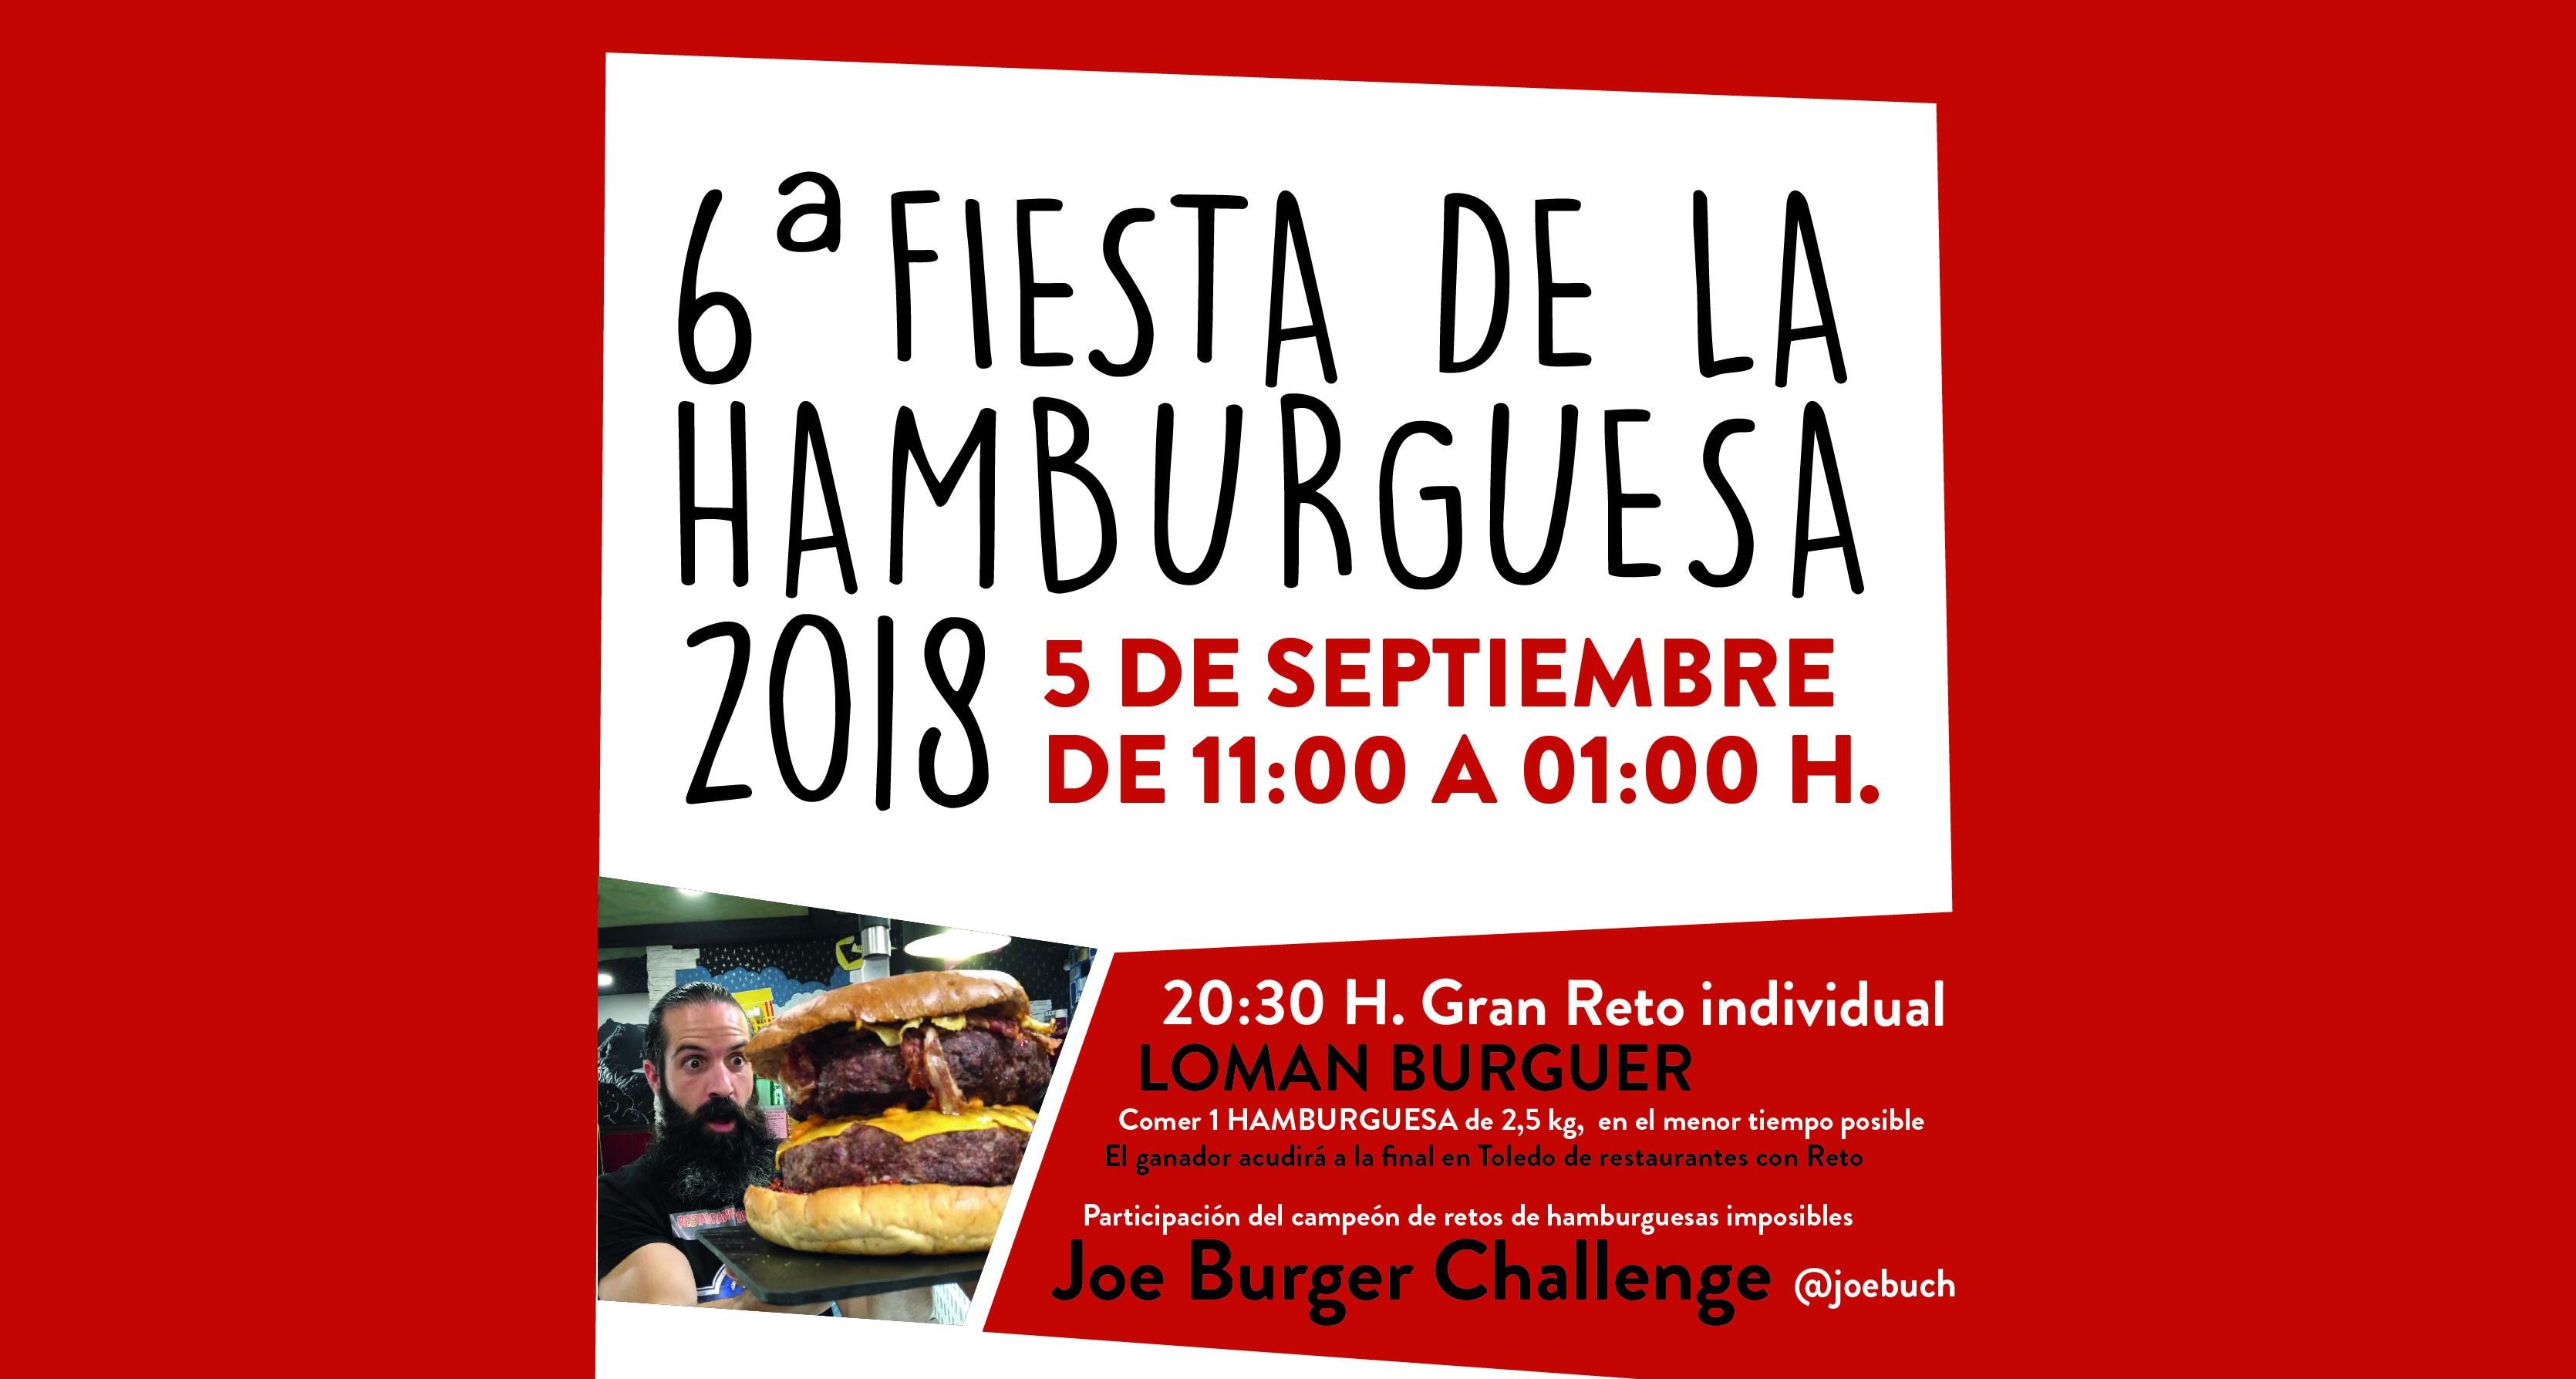 VI Festa da Hamburguesa